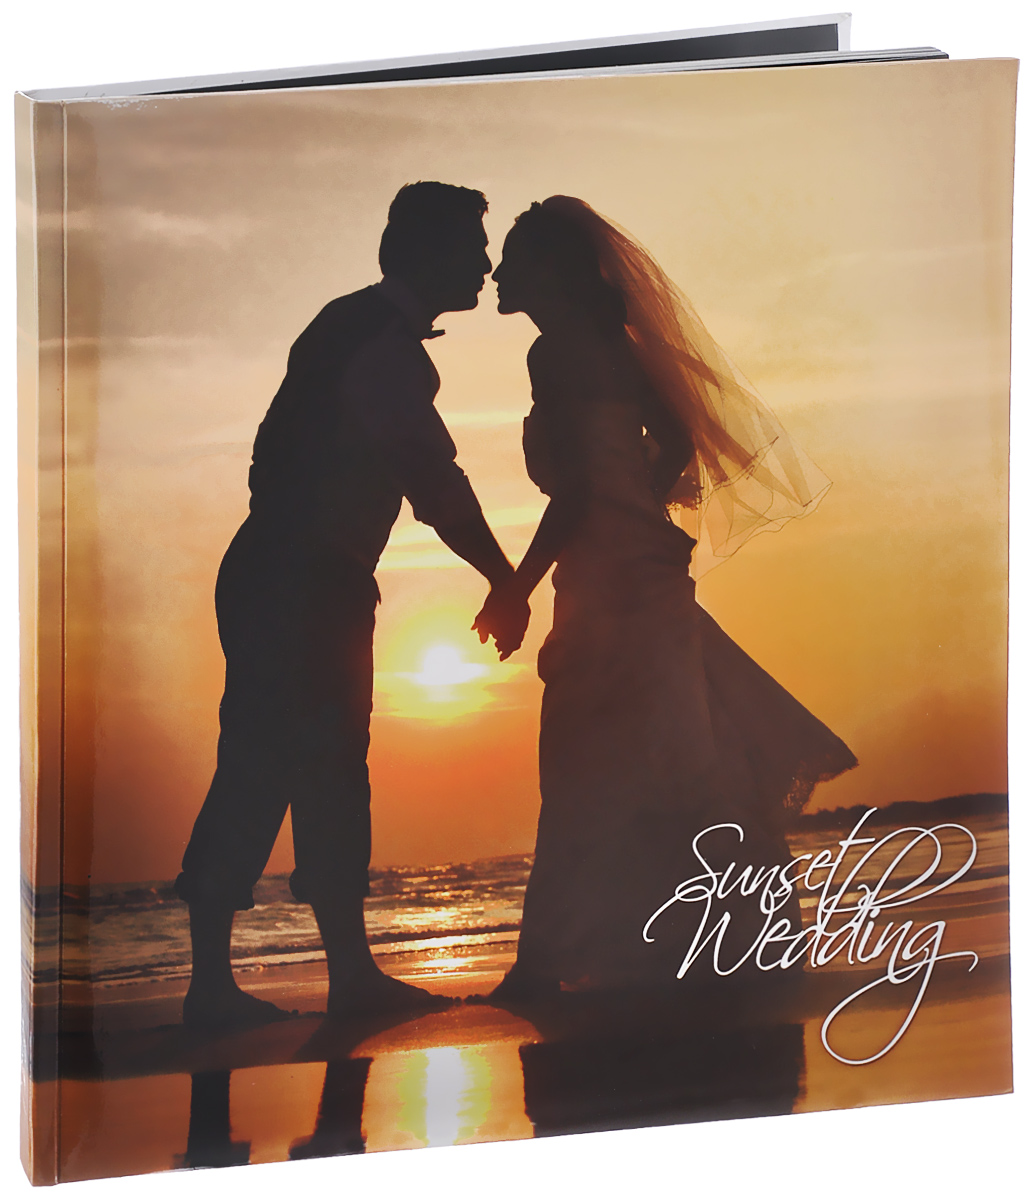 Фотоальбом Pioneer Sunset Wedding, 10 магнитных листов, 29 х 32 см фотоальбом pioneer innocence 10 магнитных листов 32 см х 32 см